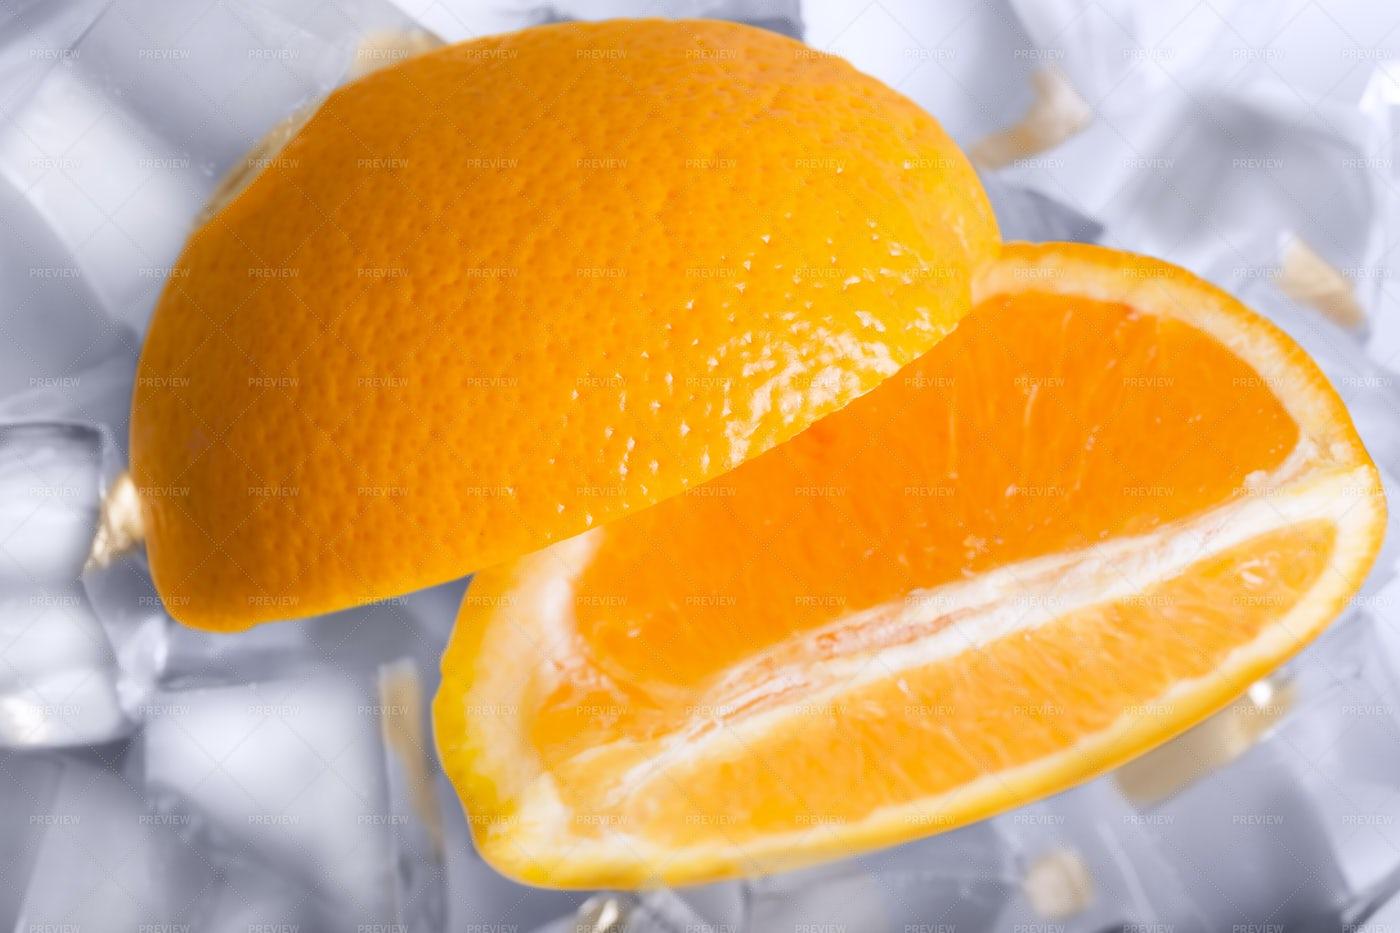 Orange Slices On Ice: Stock Photos